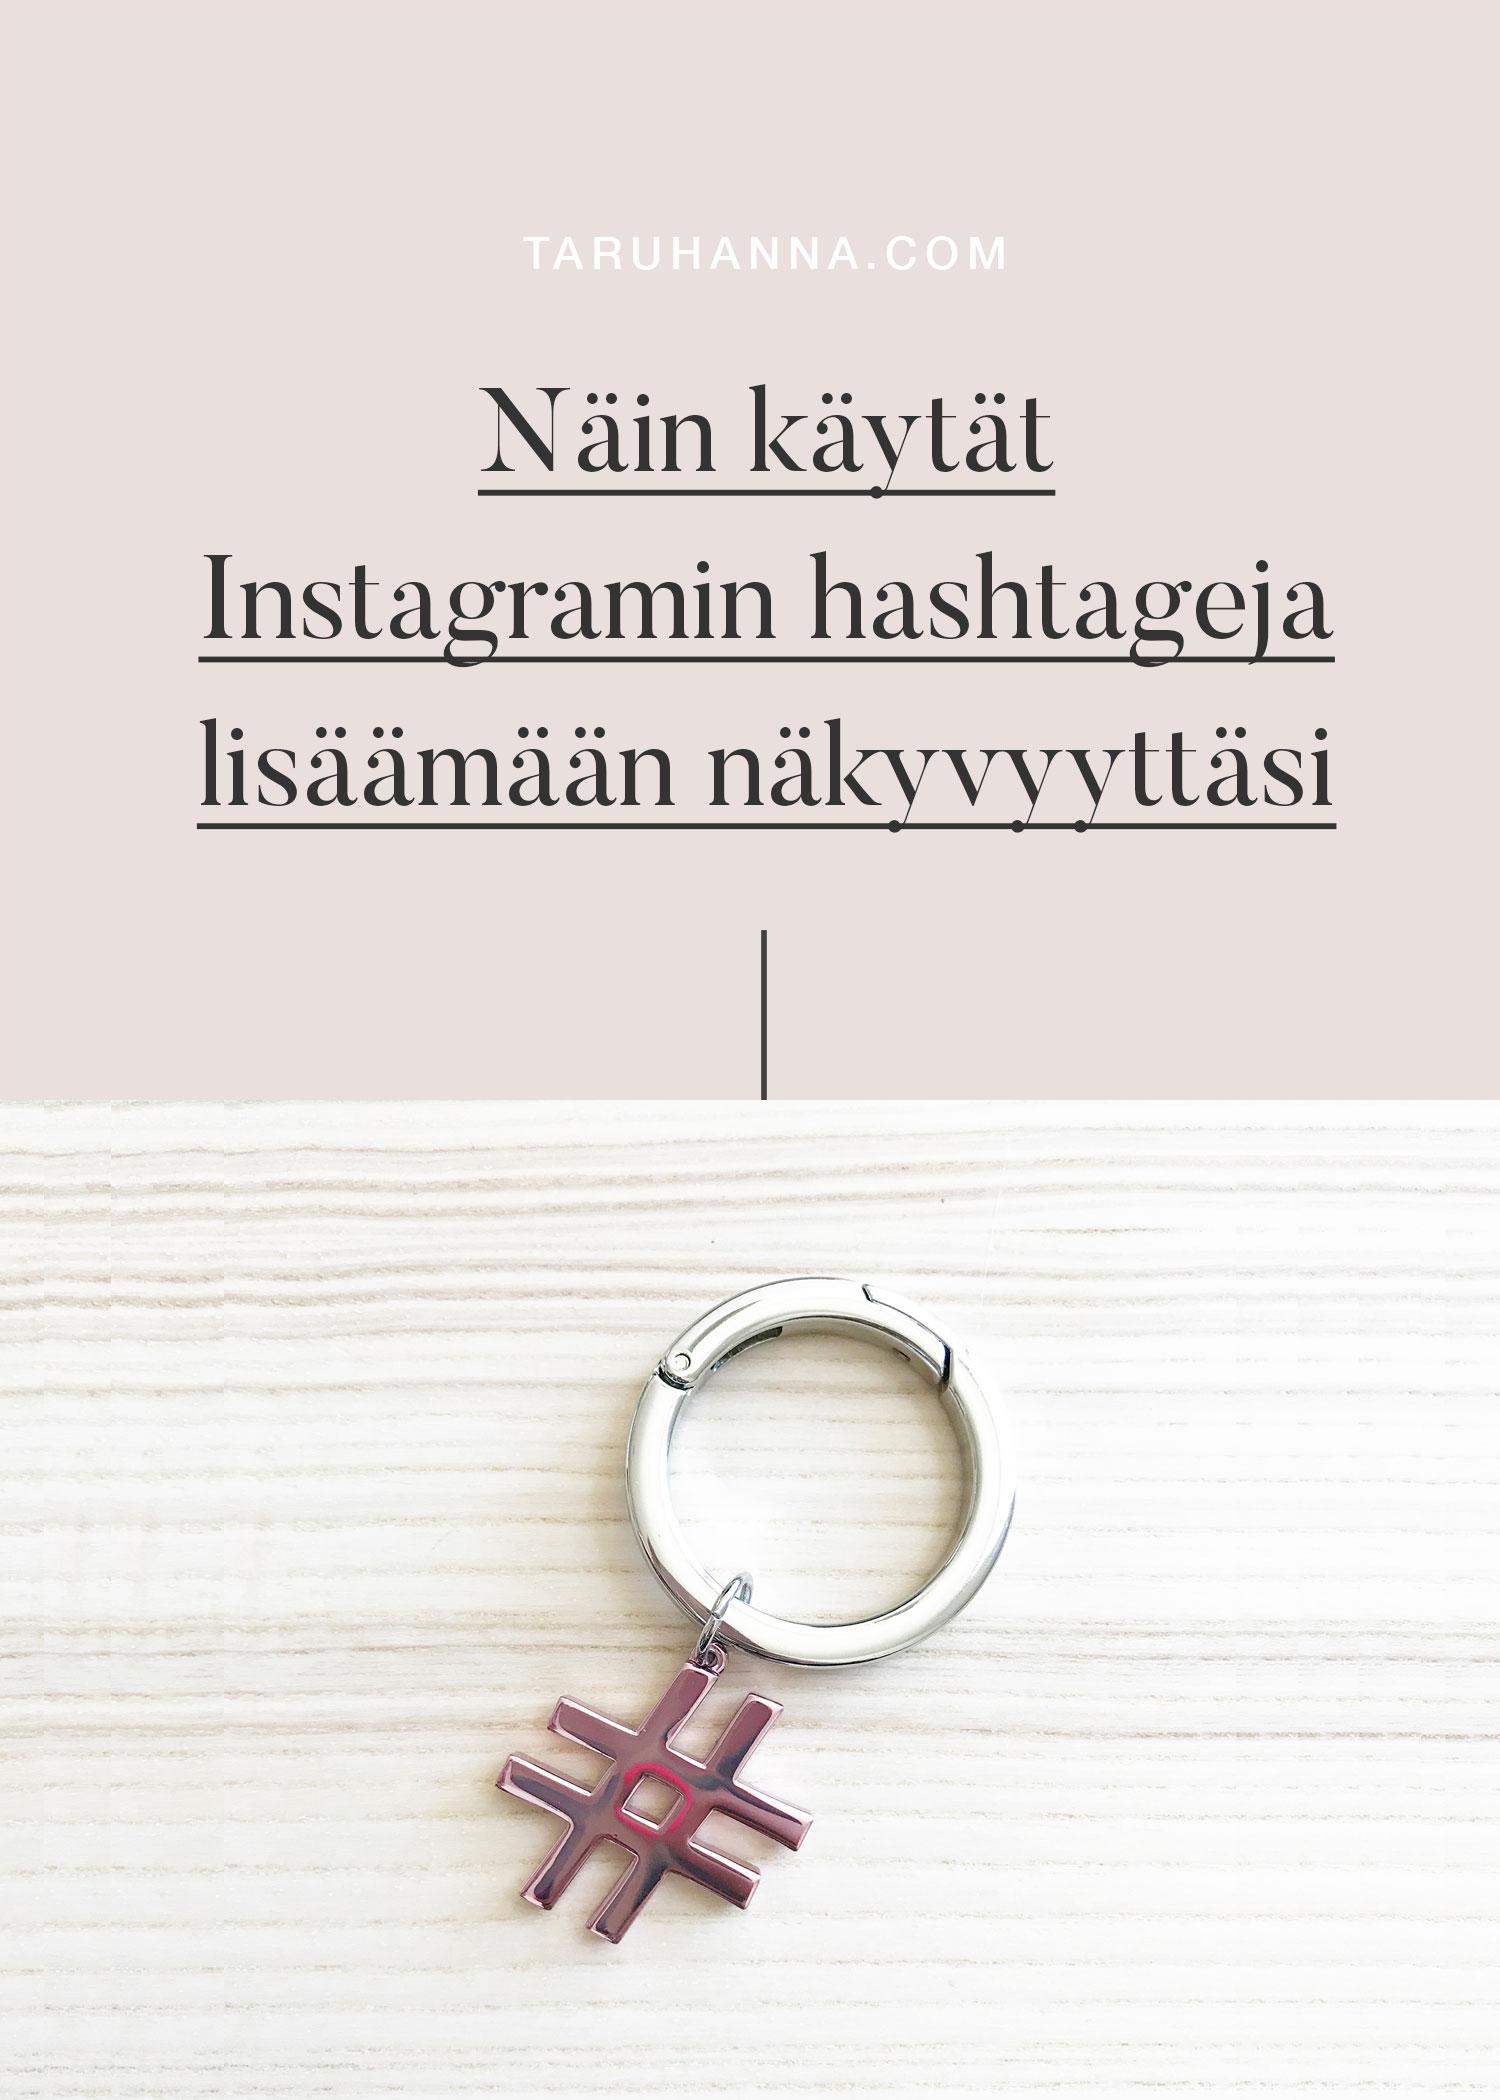 Näin käytät Instagramin hashtageja lisäämään näkyvyyttäsi - hashtag avaimenperä